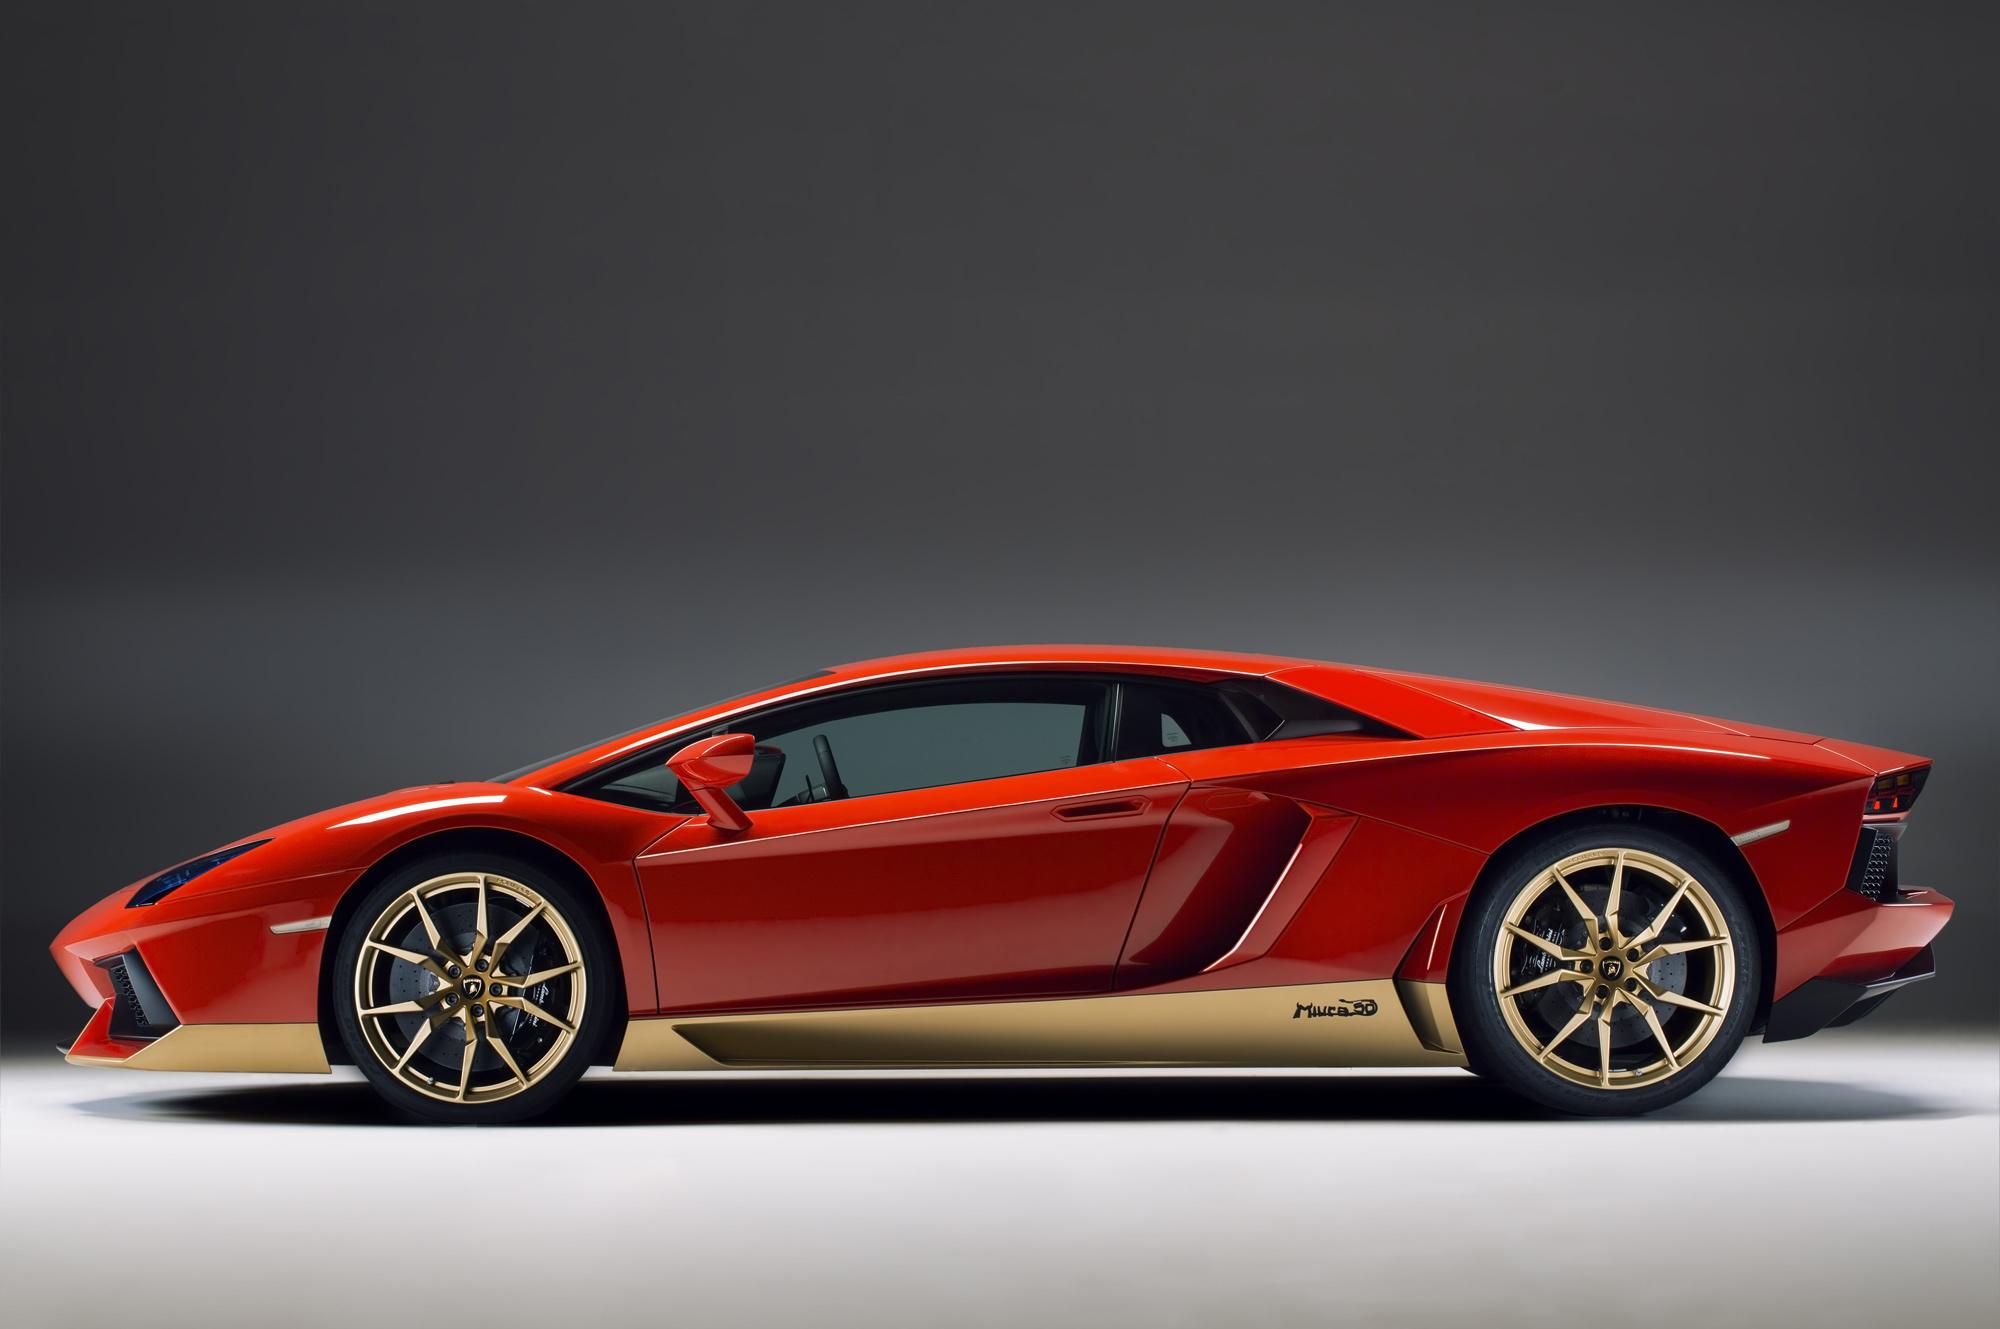 Pictures Of Lamborghini Aventador Miura Homage